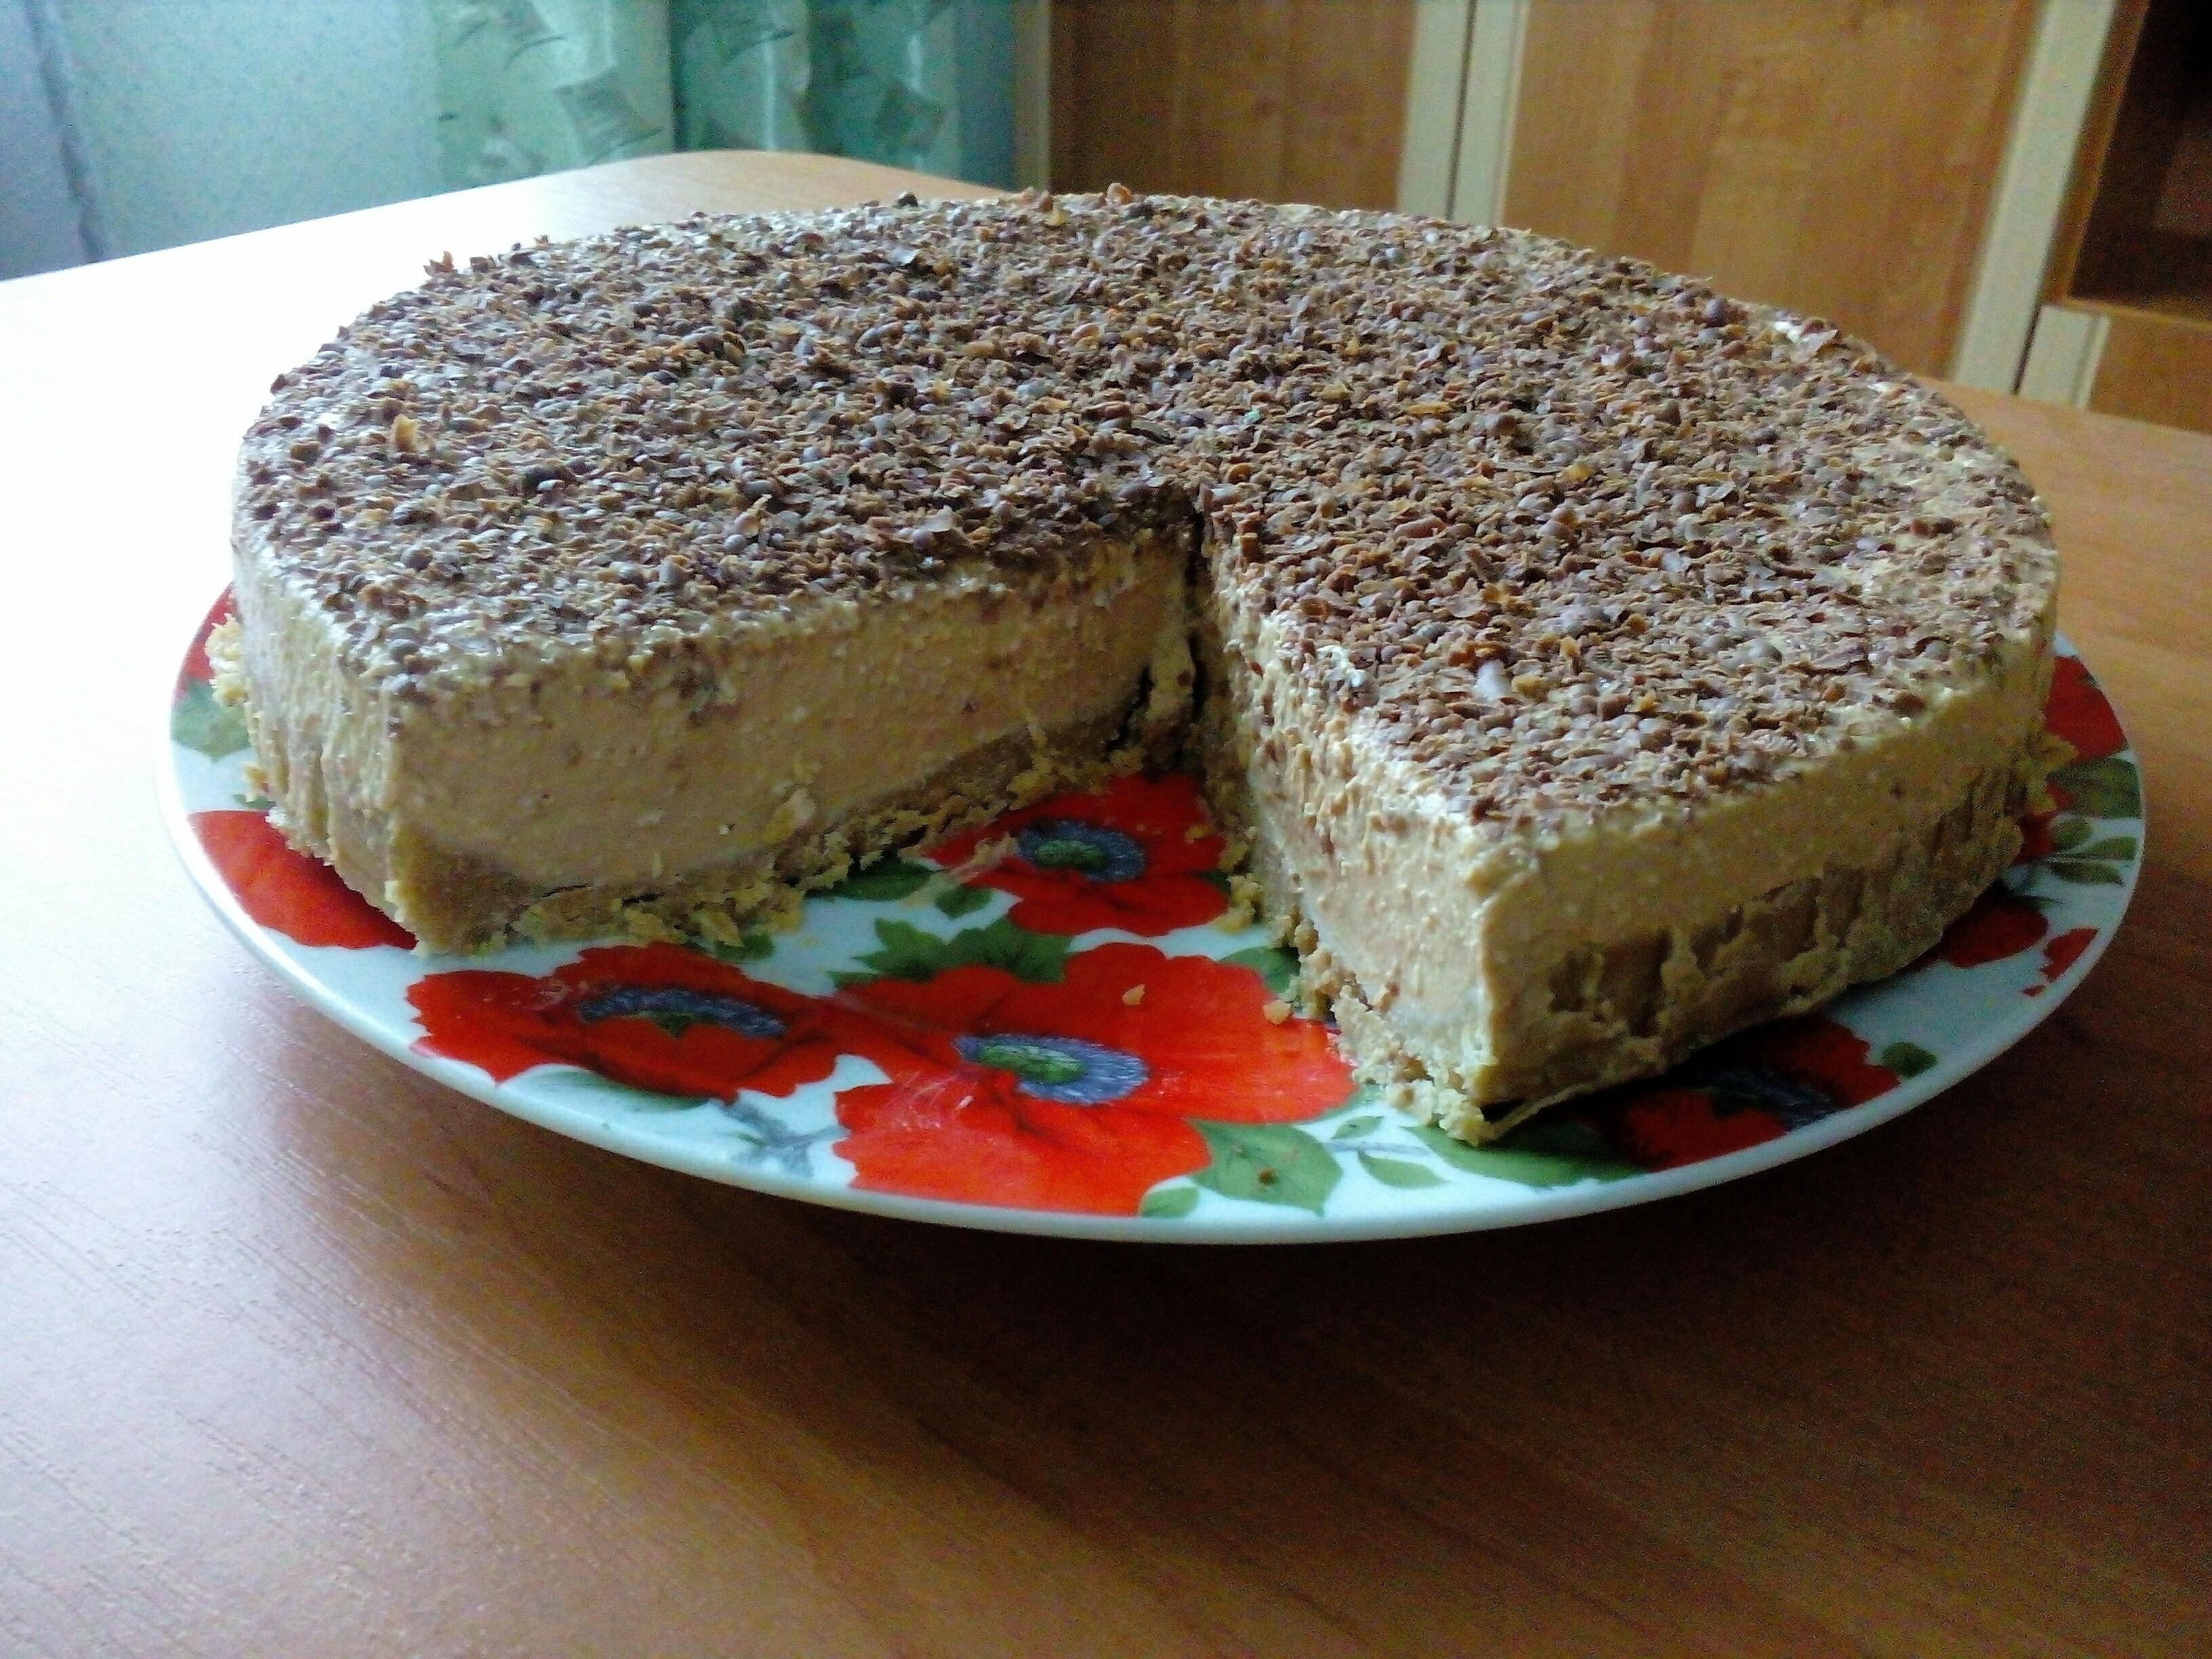 Рецепт торта со сгущенкой рецепт с фото пошагово